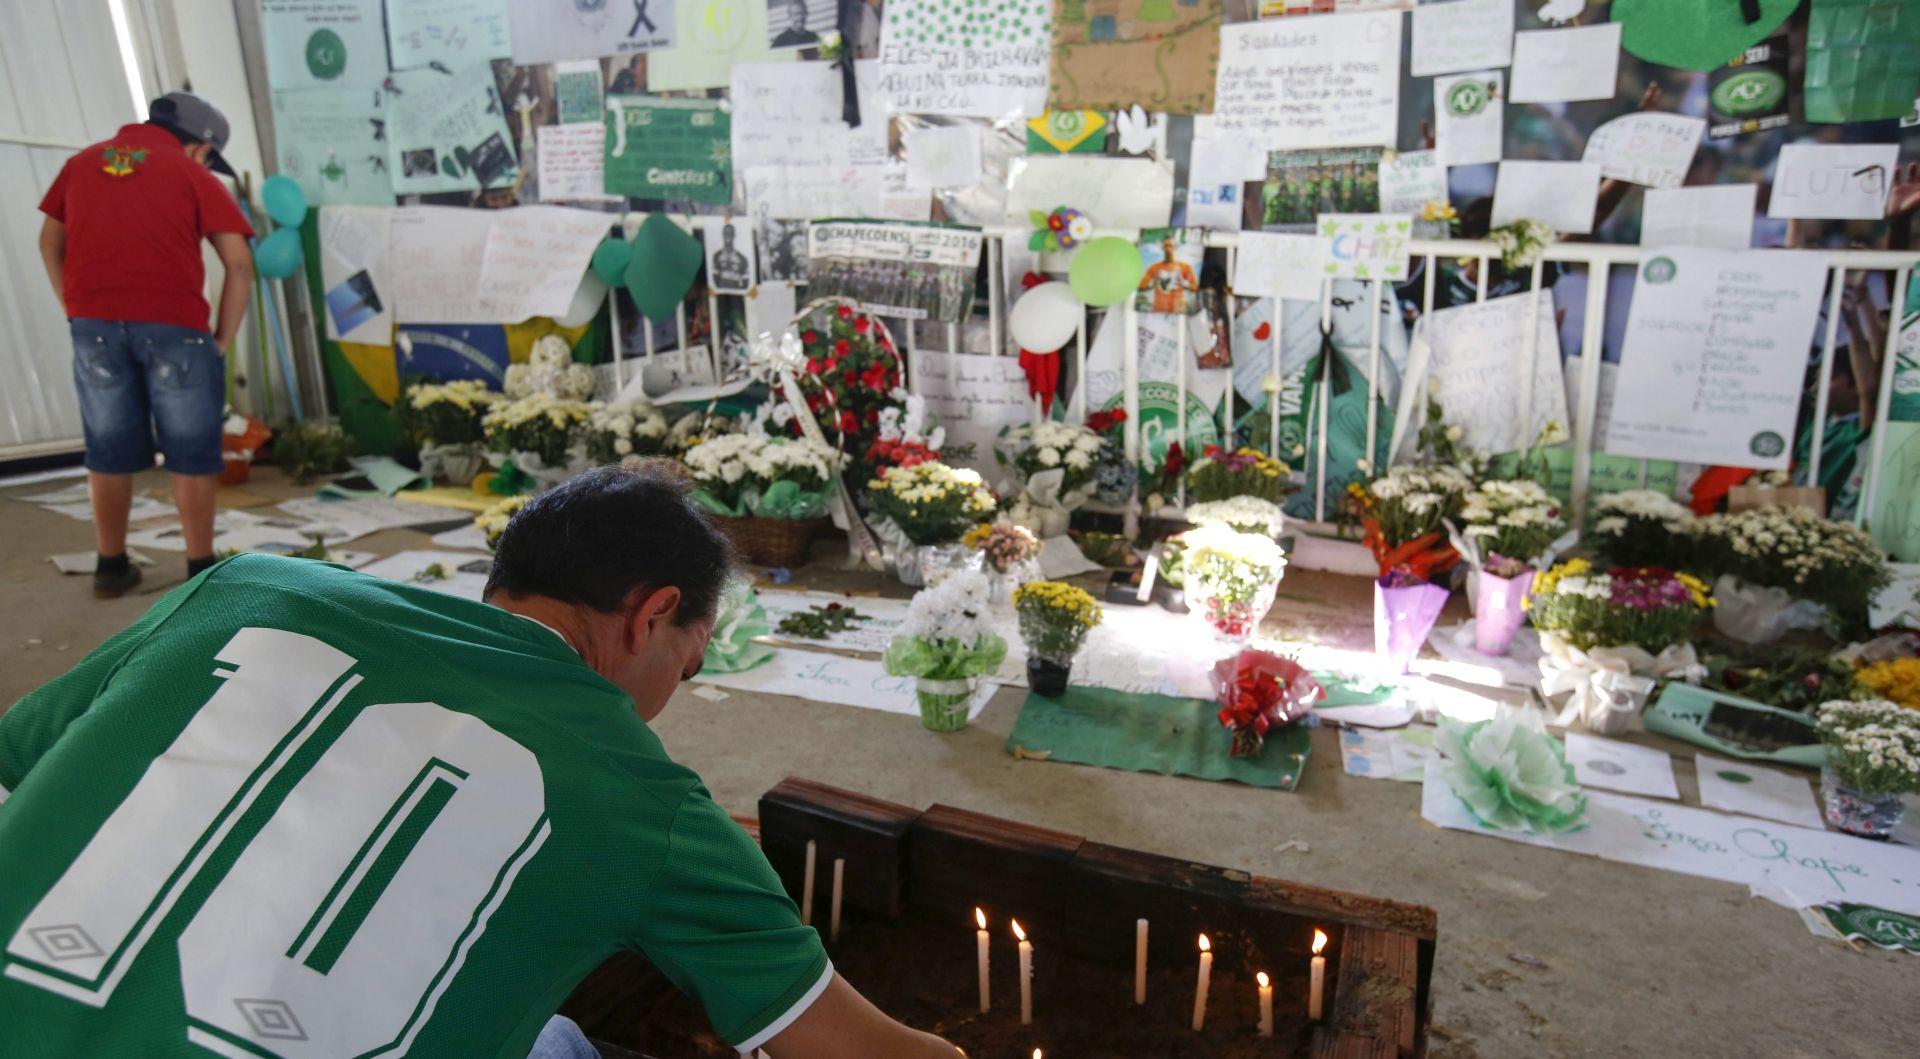 BRAZIL Tijela poginulih danas se vraćaju u Chapeco, očekuje se 100 tisuća ljudi